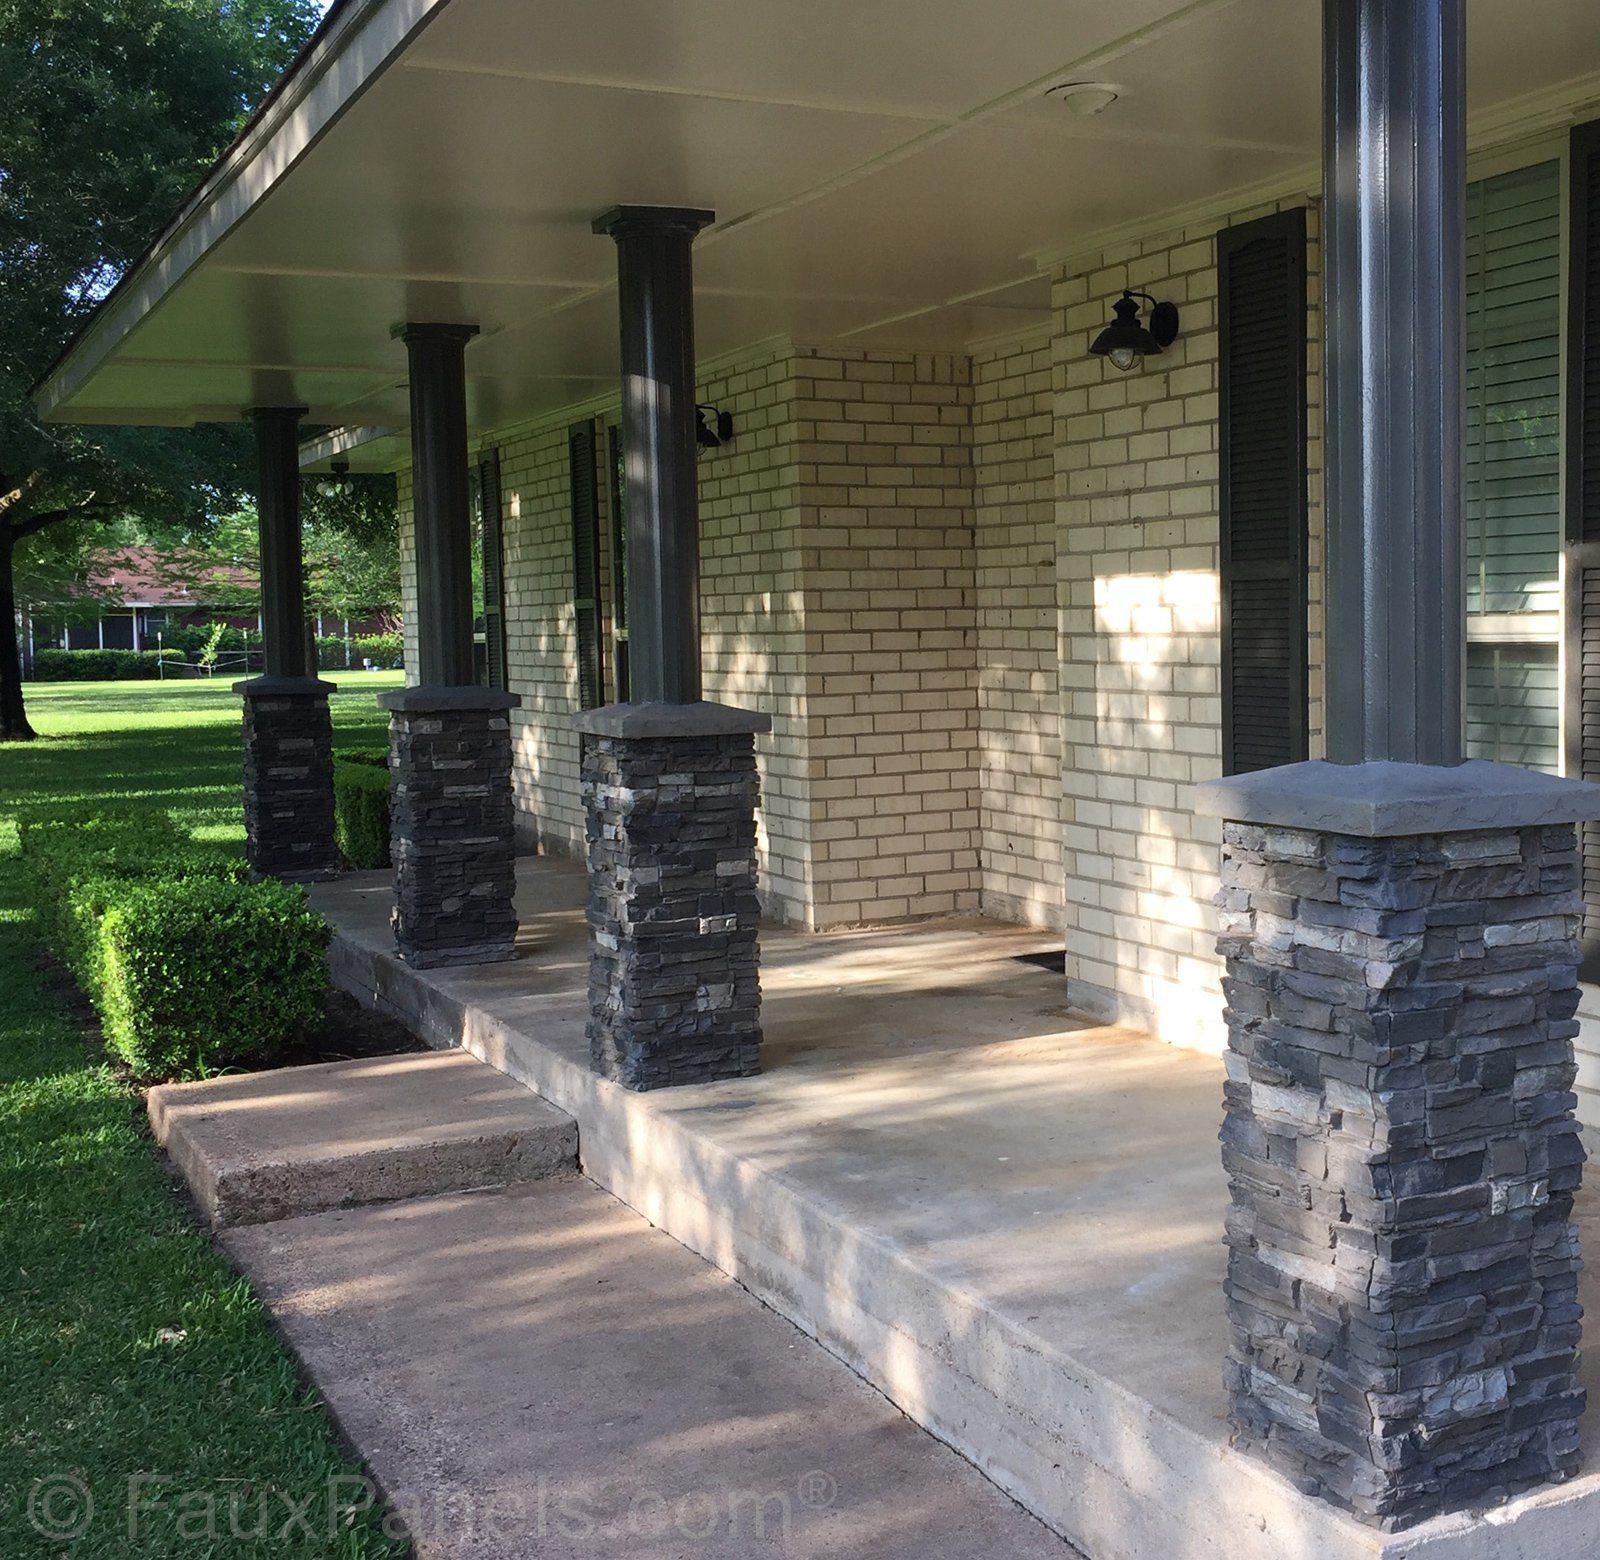 Commercial U0026 Home Renovation Ideas | Stone Siding Photos